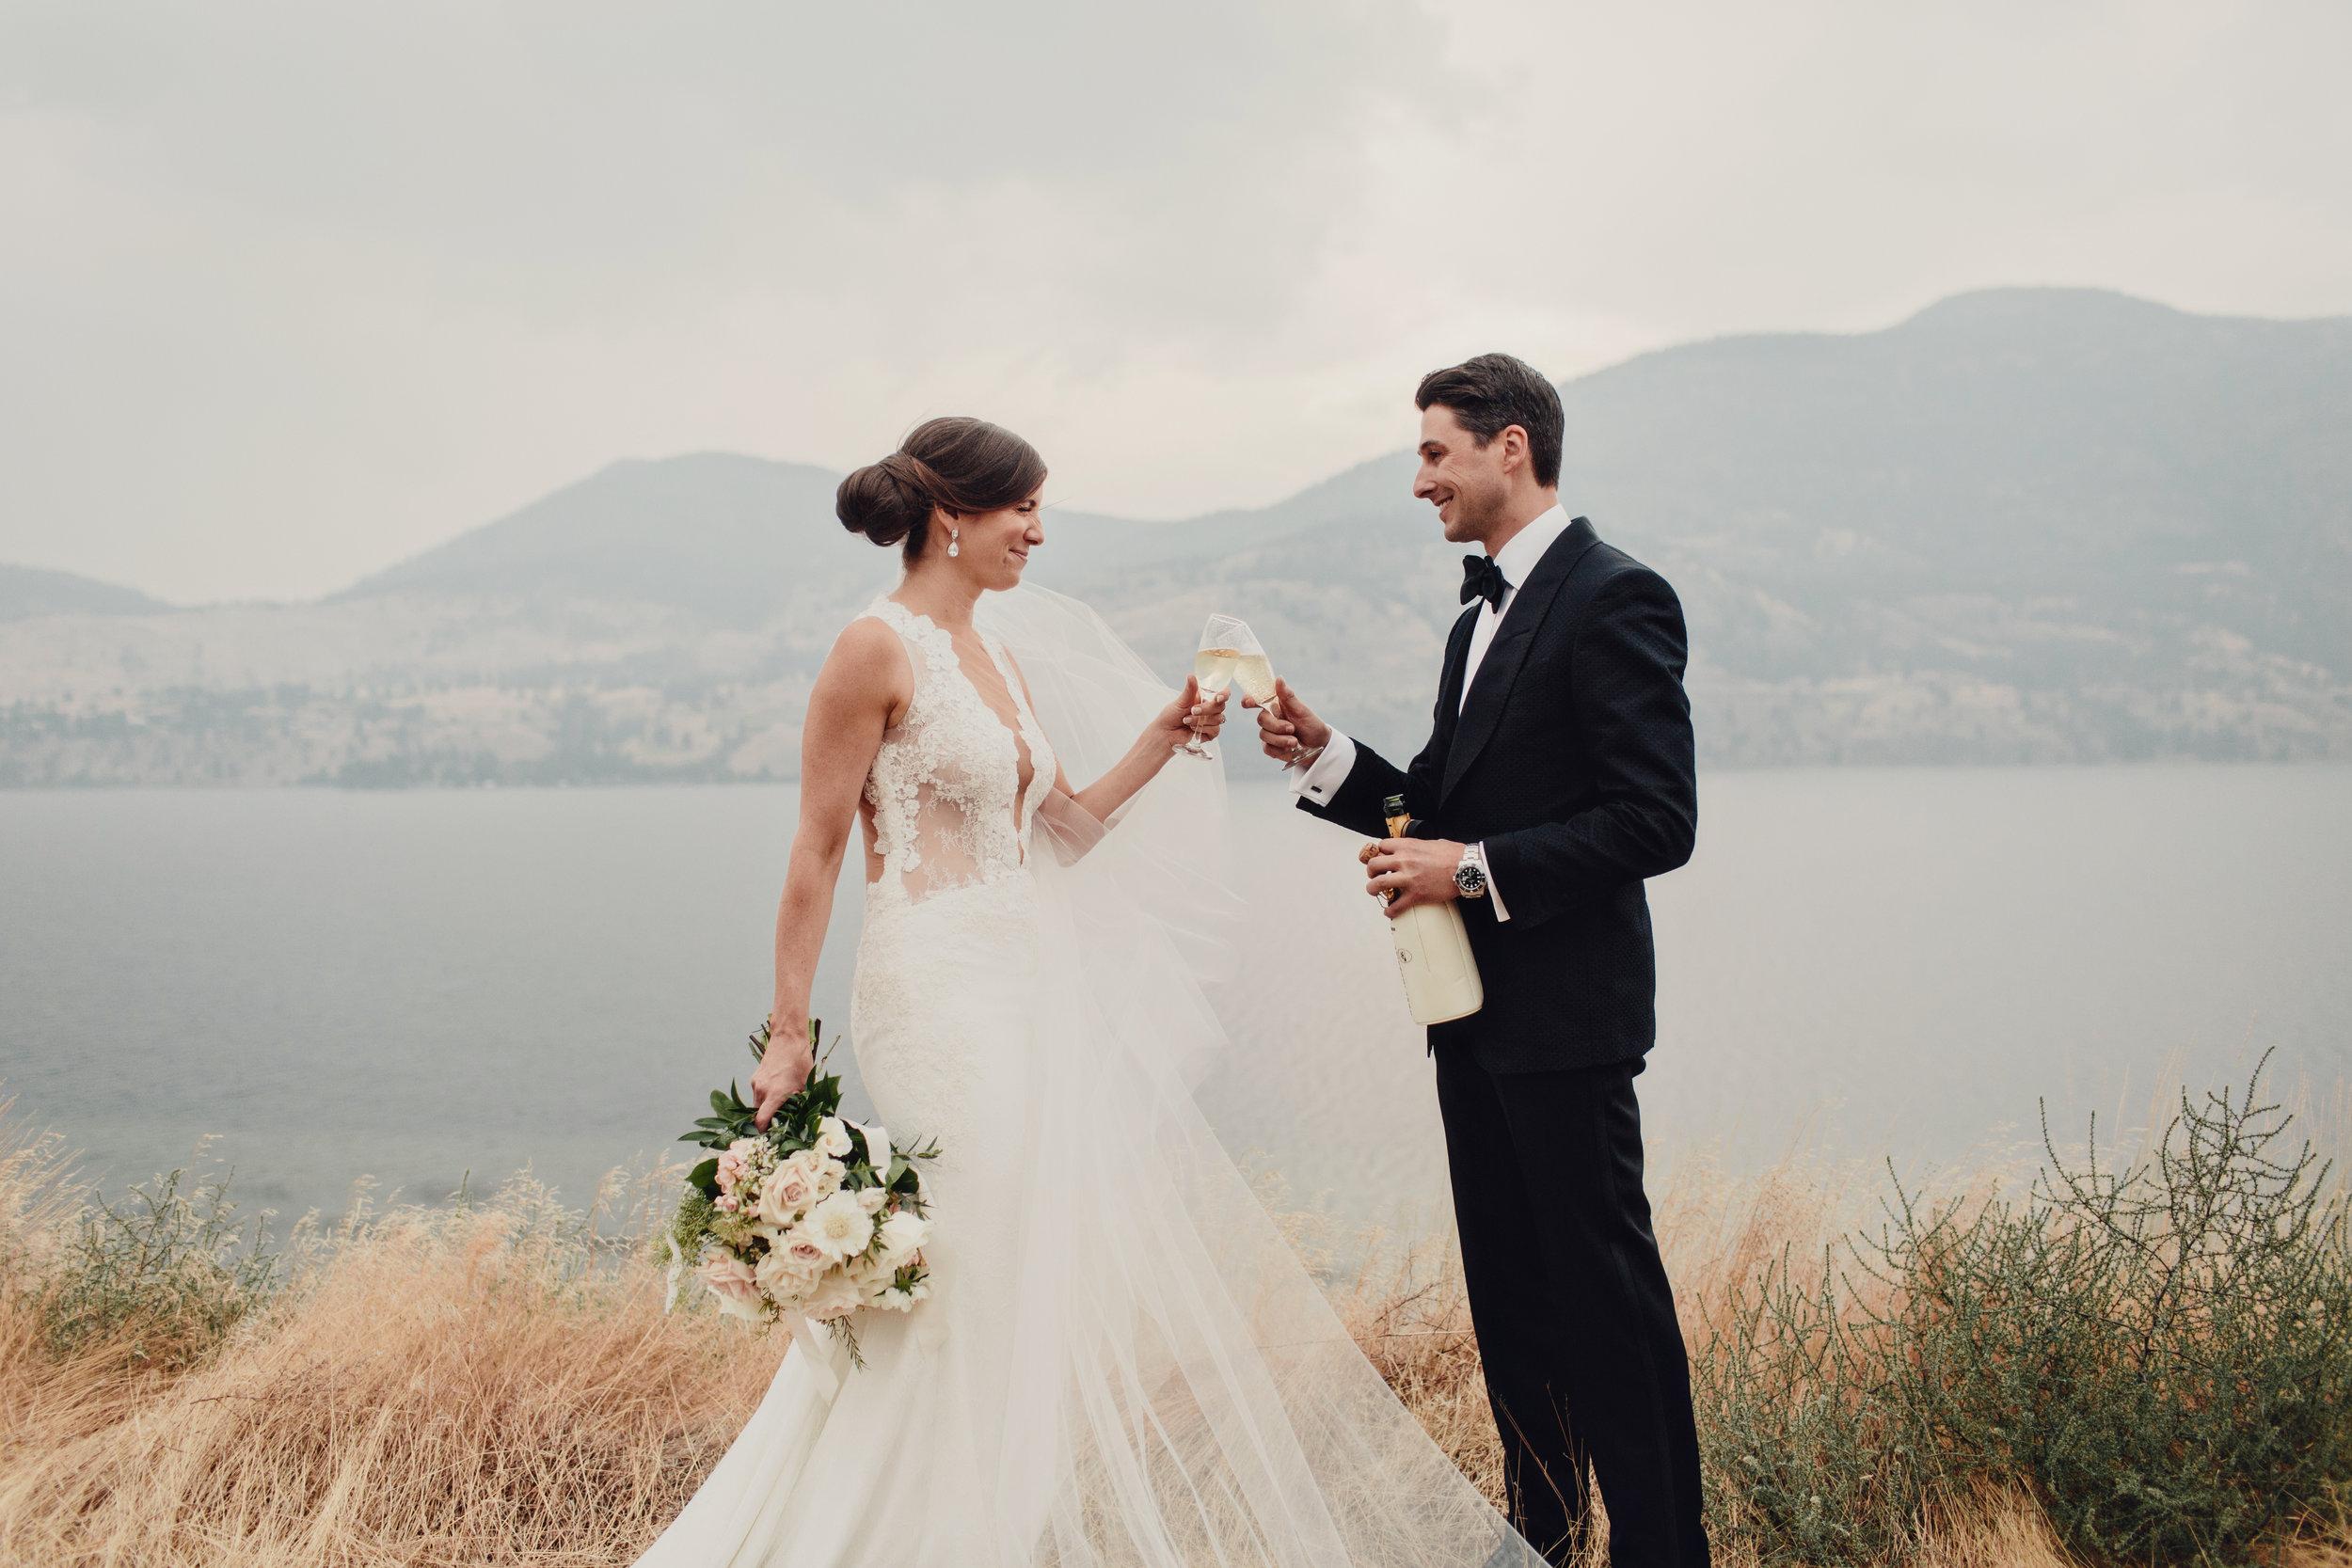 BN-wedding-0027.JPG